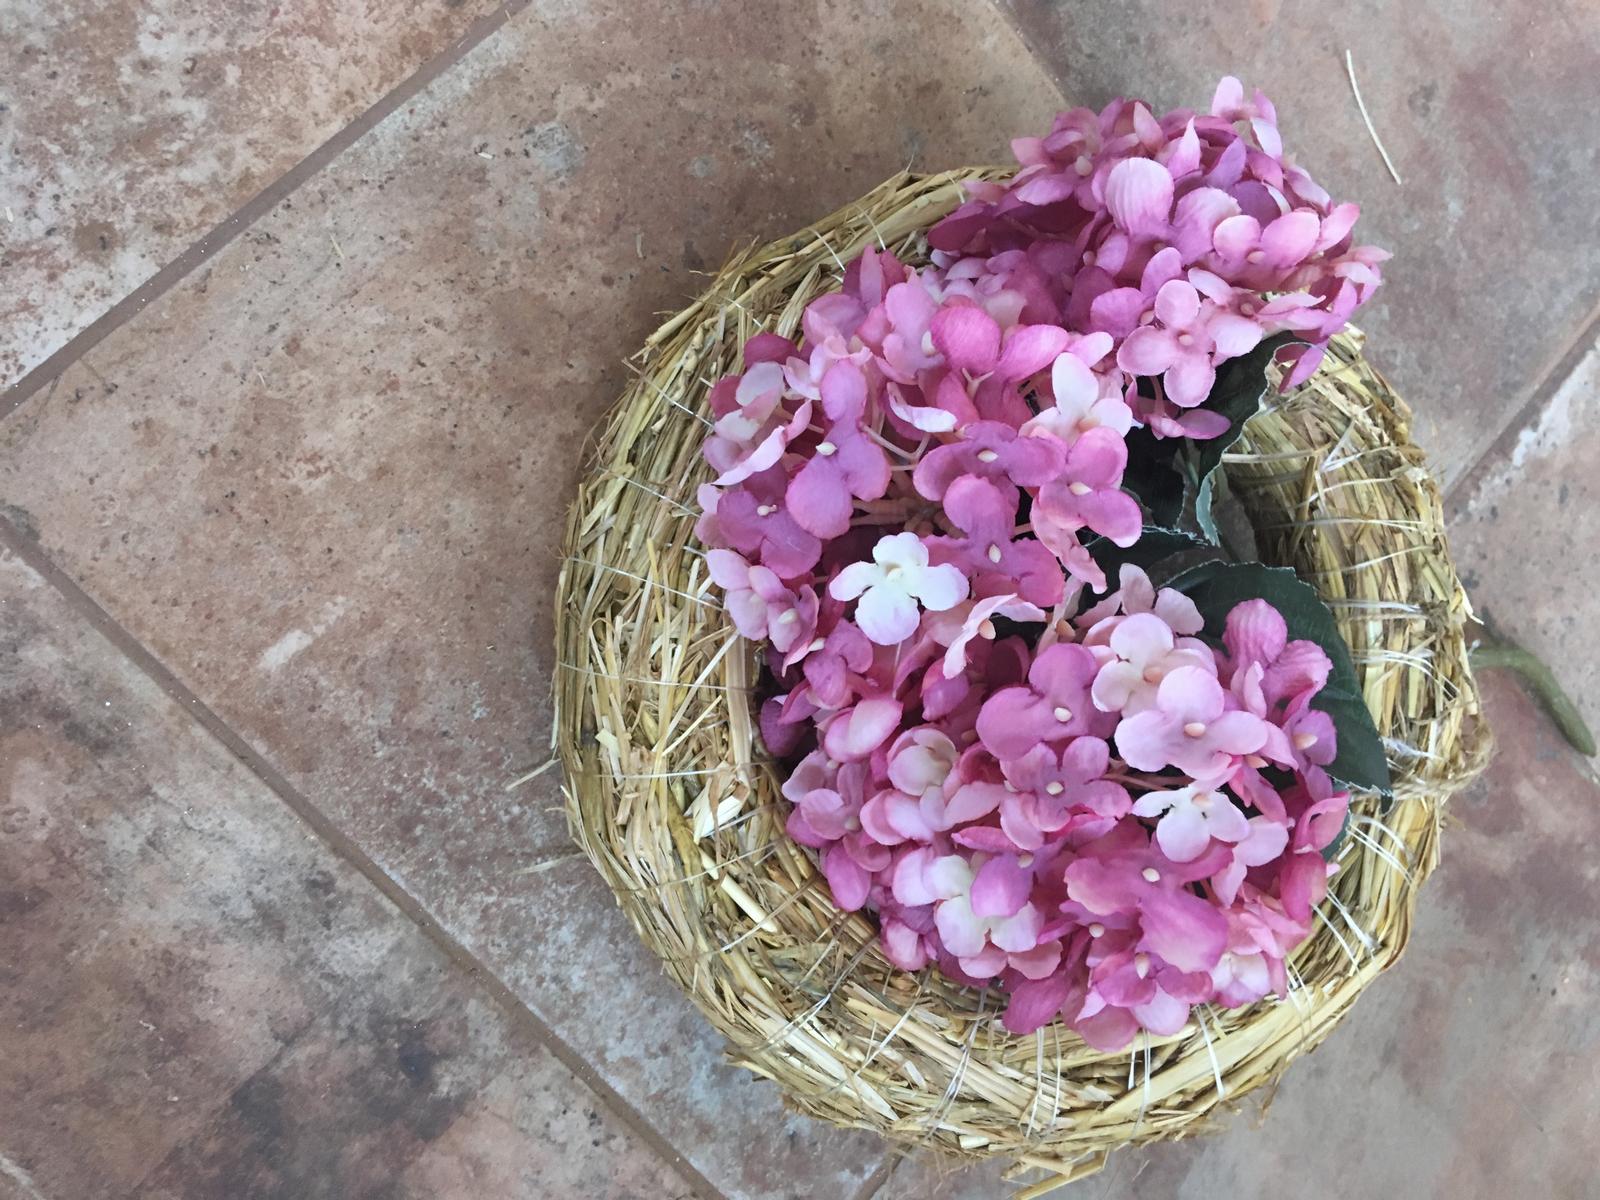 Věneček s kytičkou na auto - Obrázek č. 1